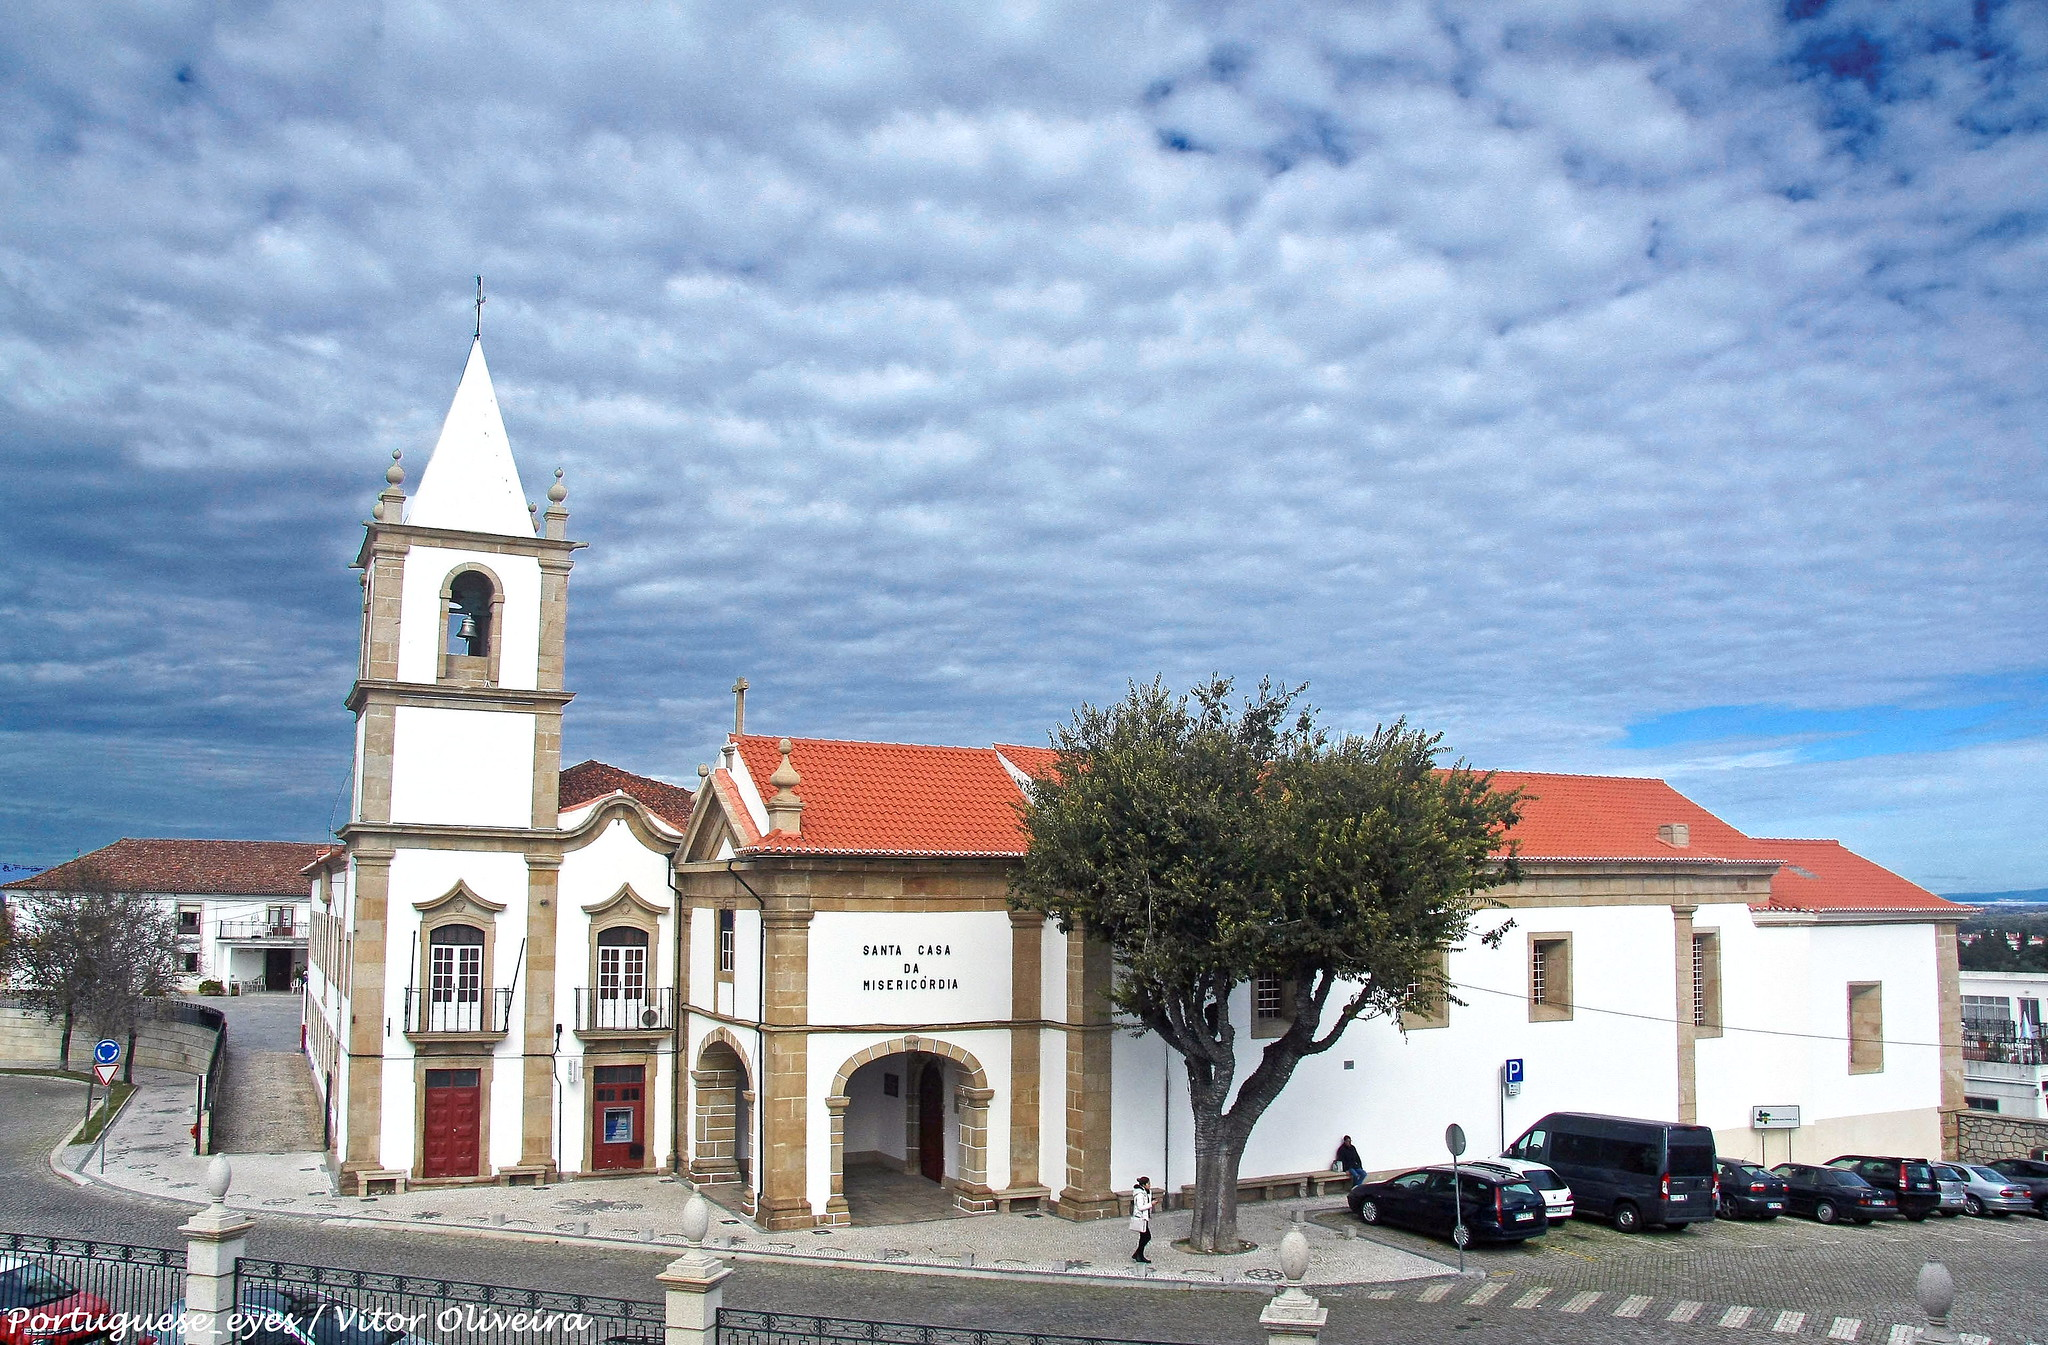 Vice Presidente da Câmara de Castelo Branco é suspeito de crime por venda de casas da Misericórdia